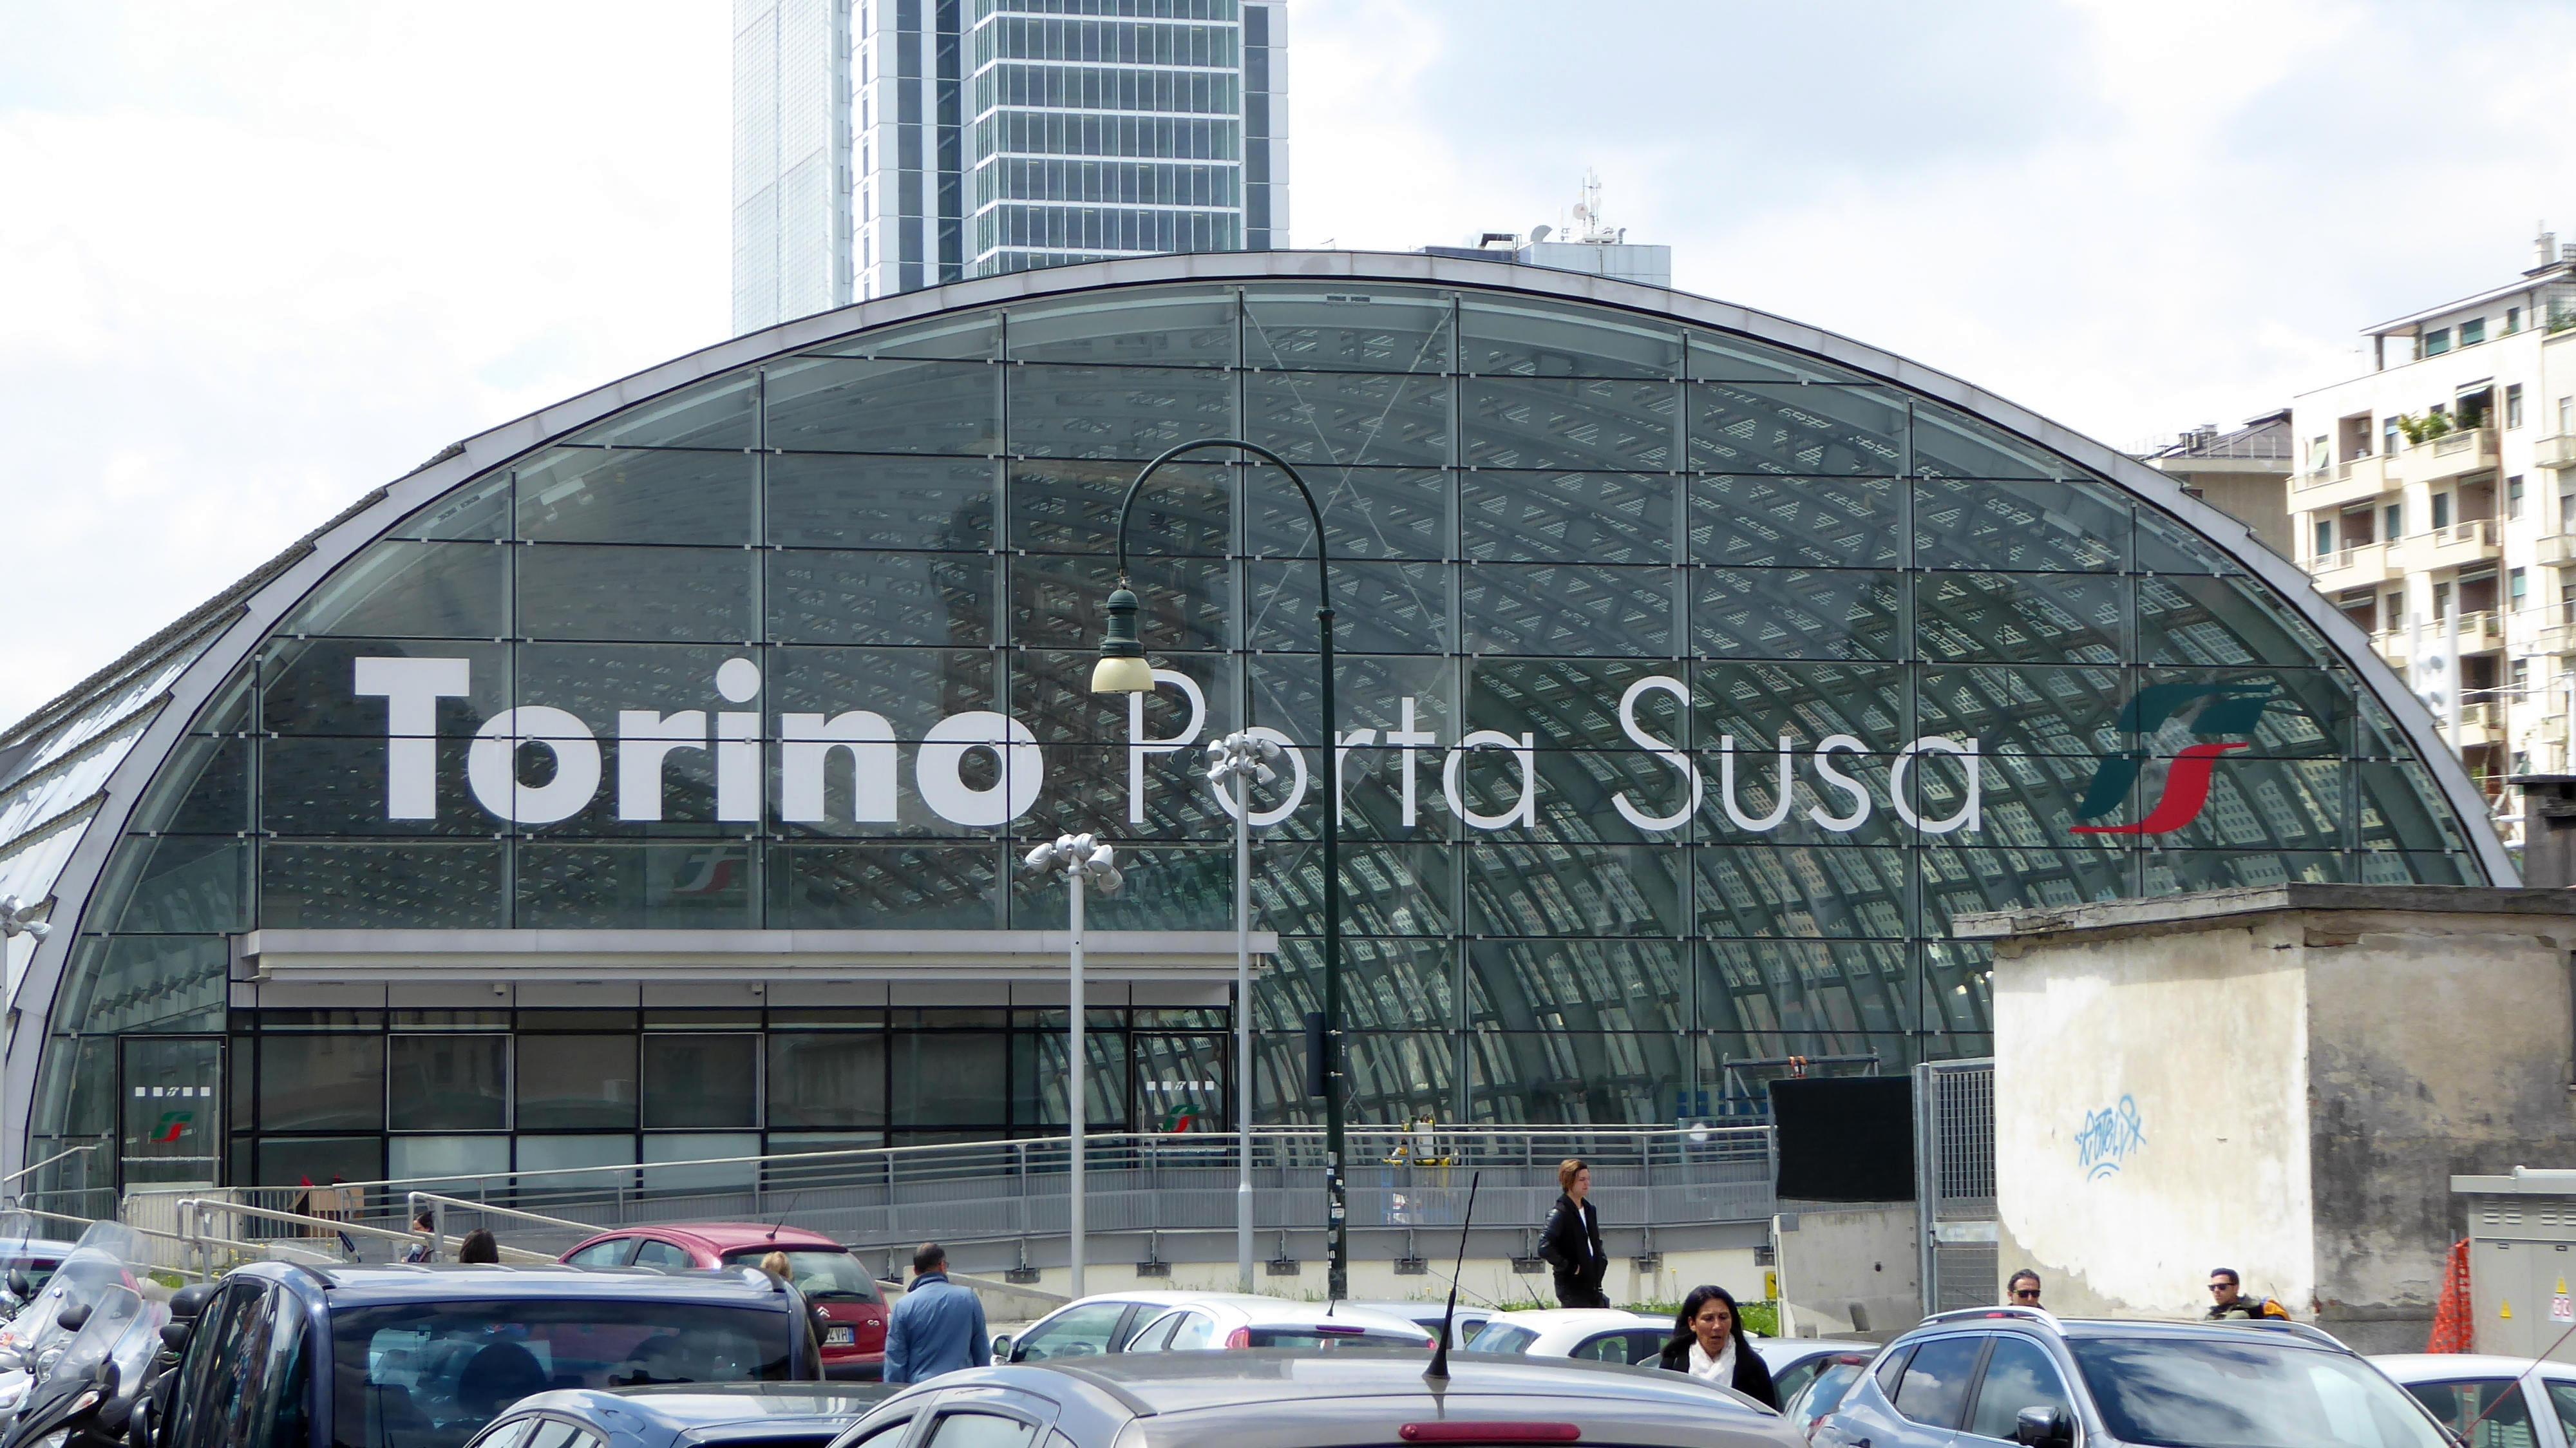 Cade sotto il treno 15enne muore a torino - Porta susa stazione ...